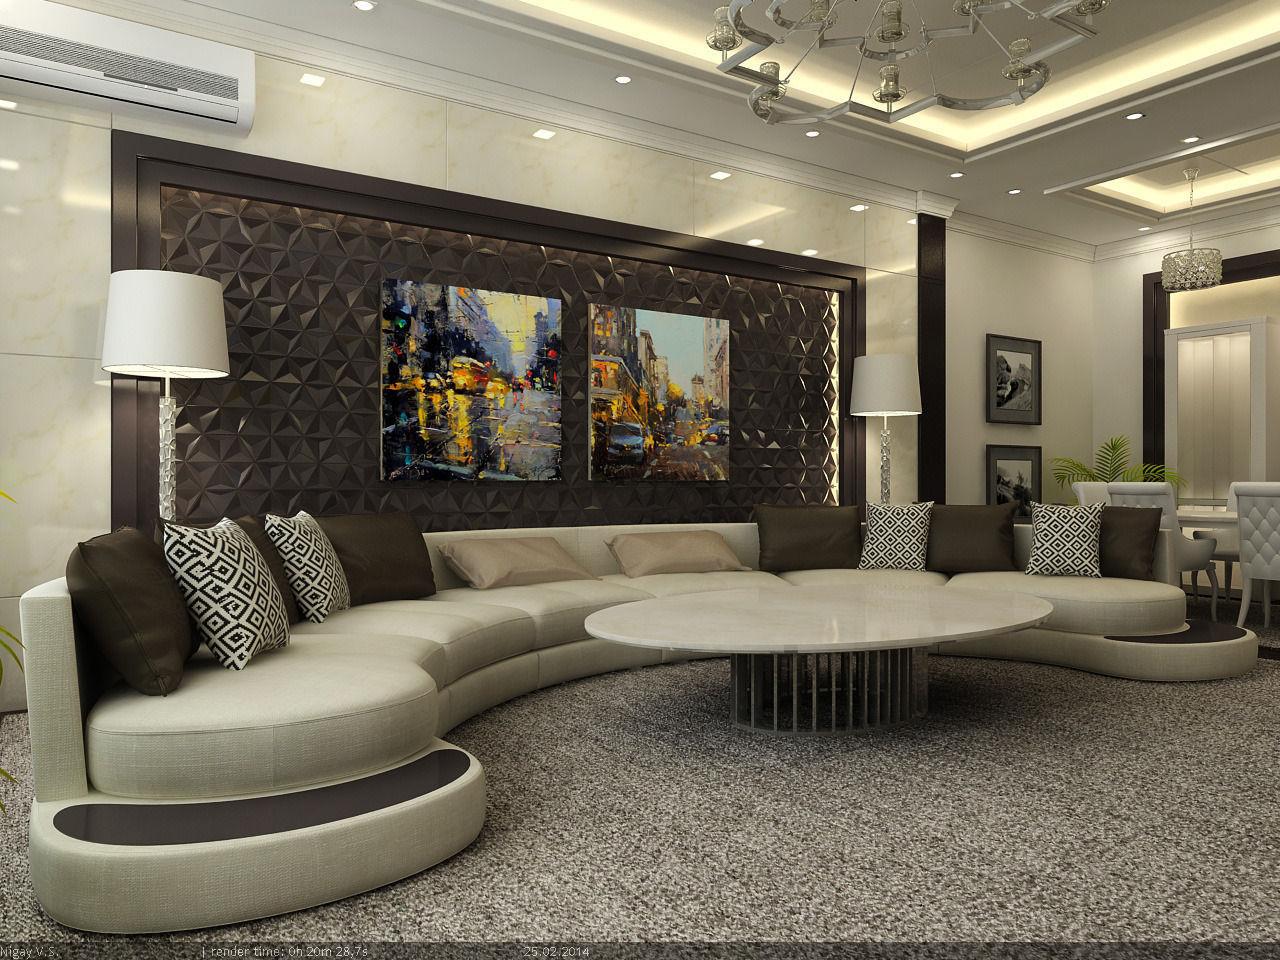 interior scene - flat 03 - living room | 3d model